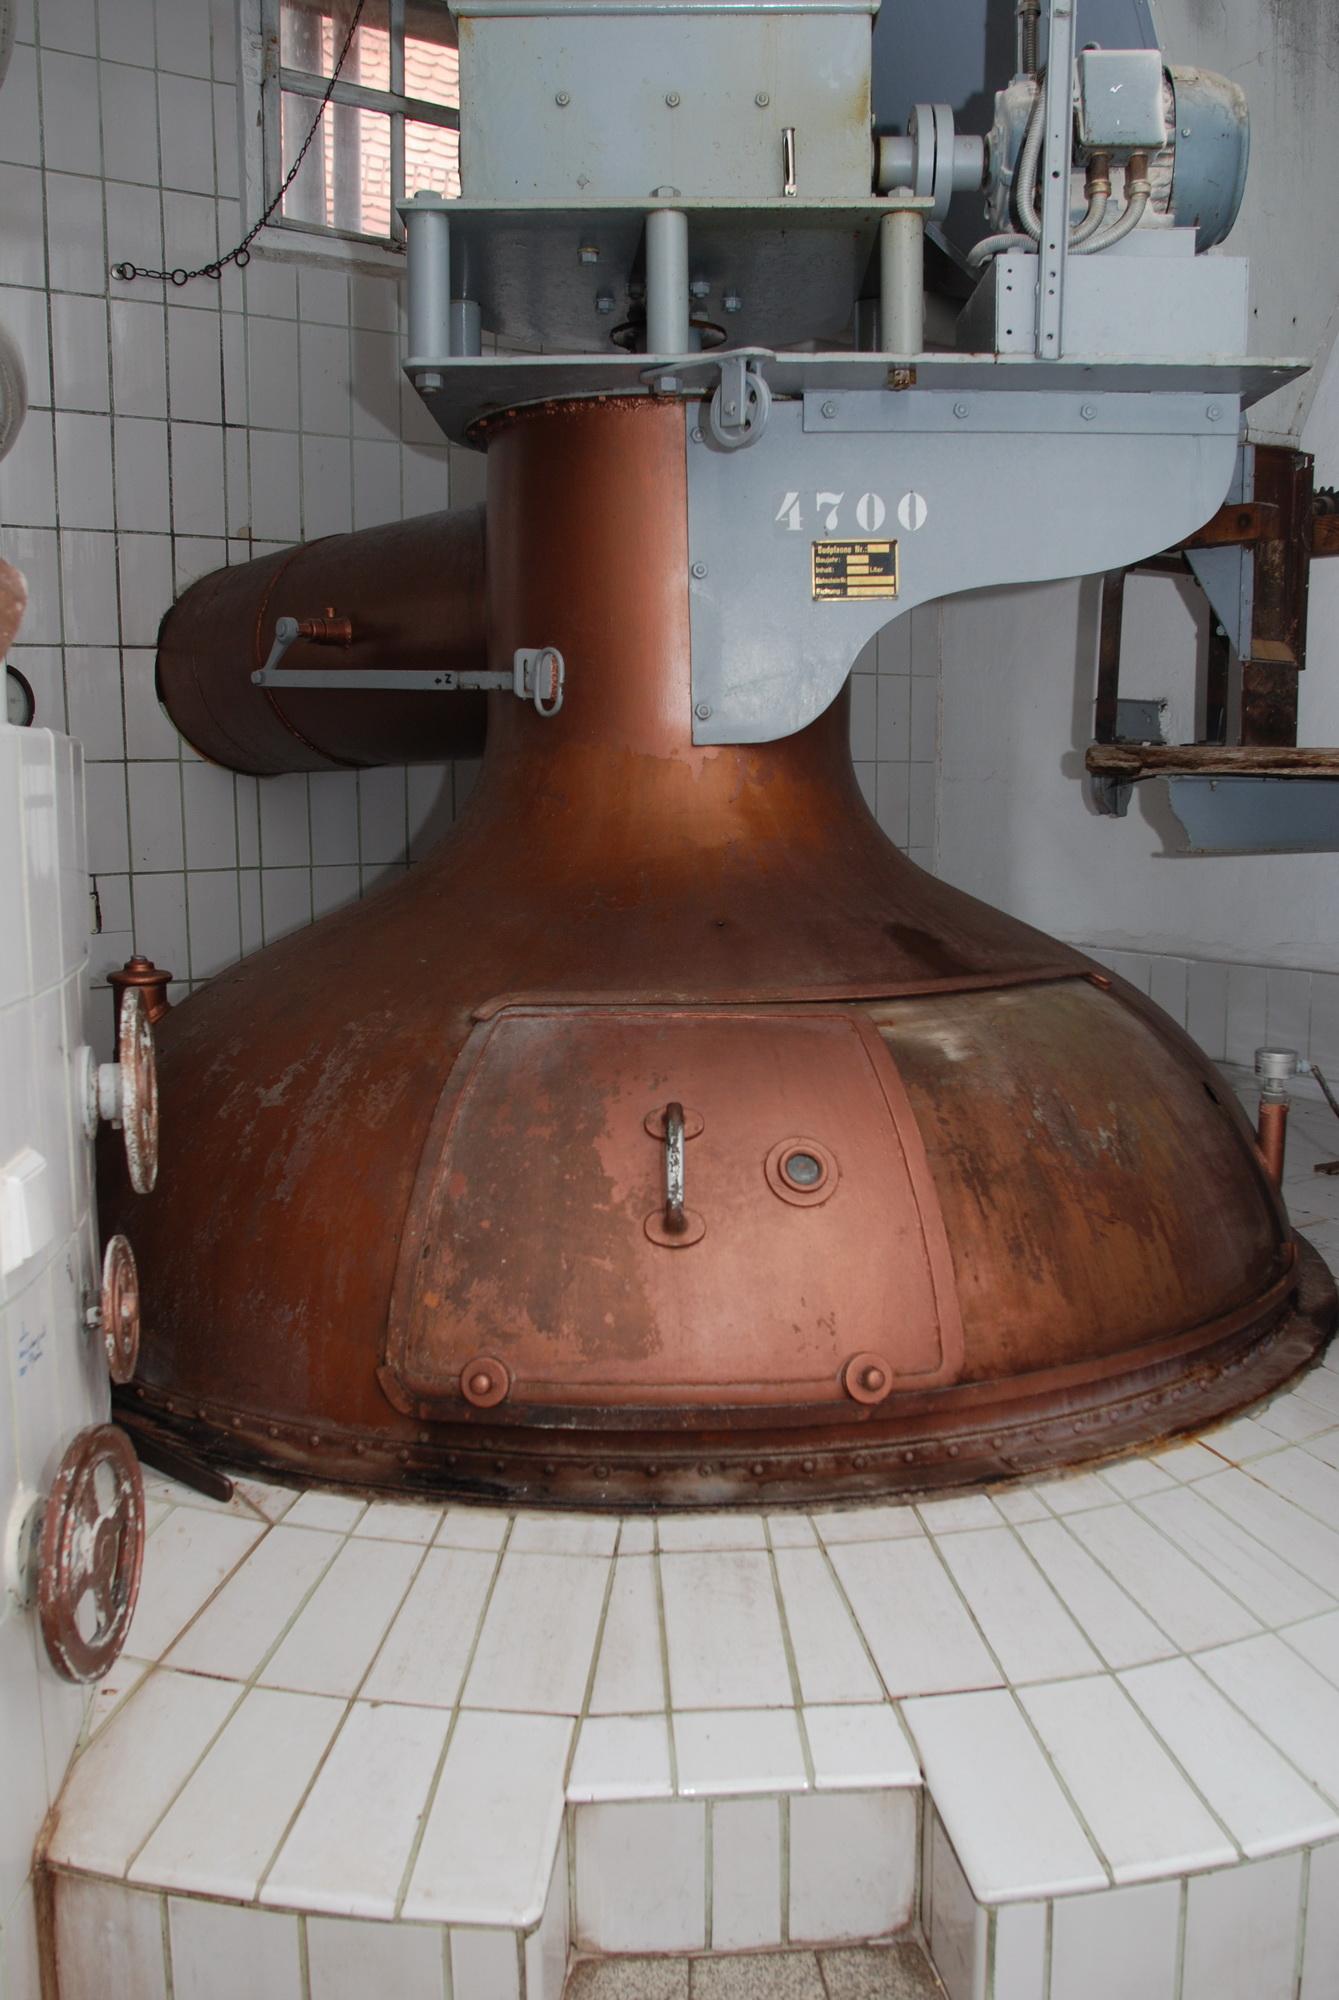 Brauerei Schneider Weißenburg